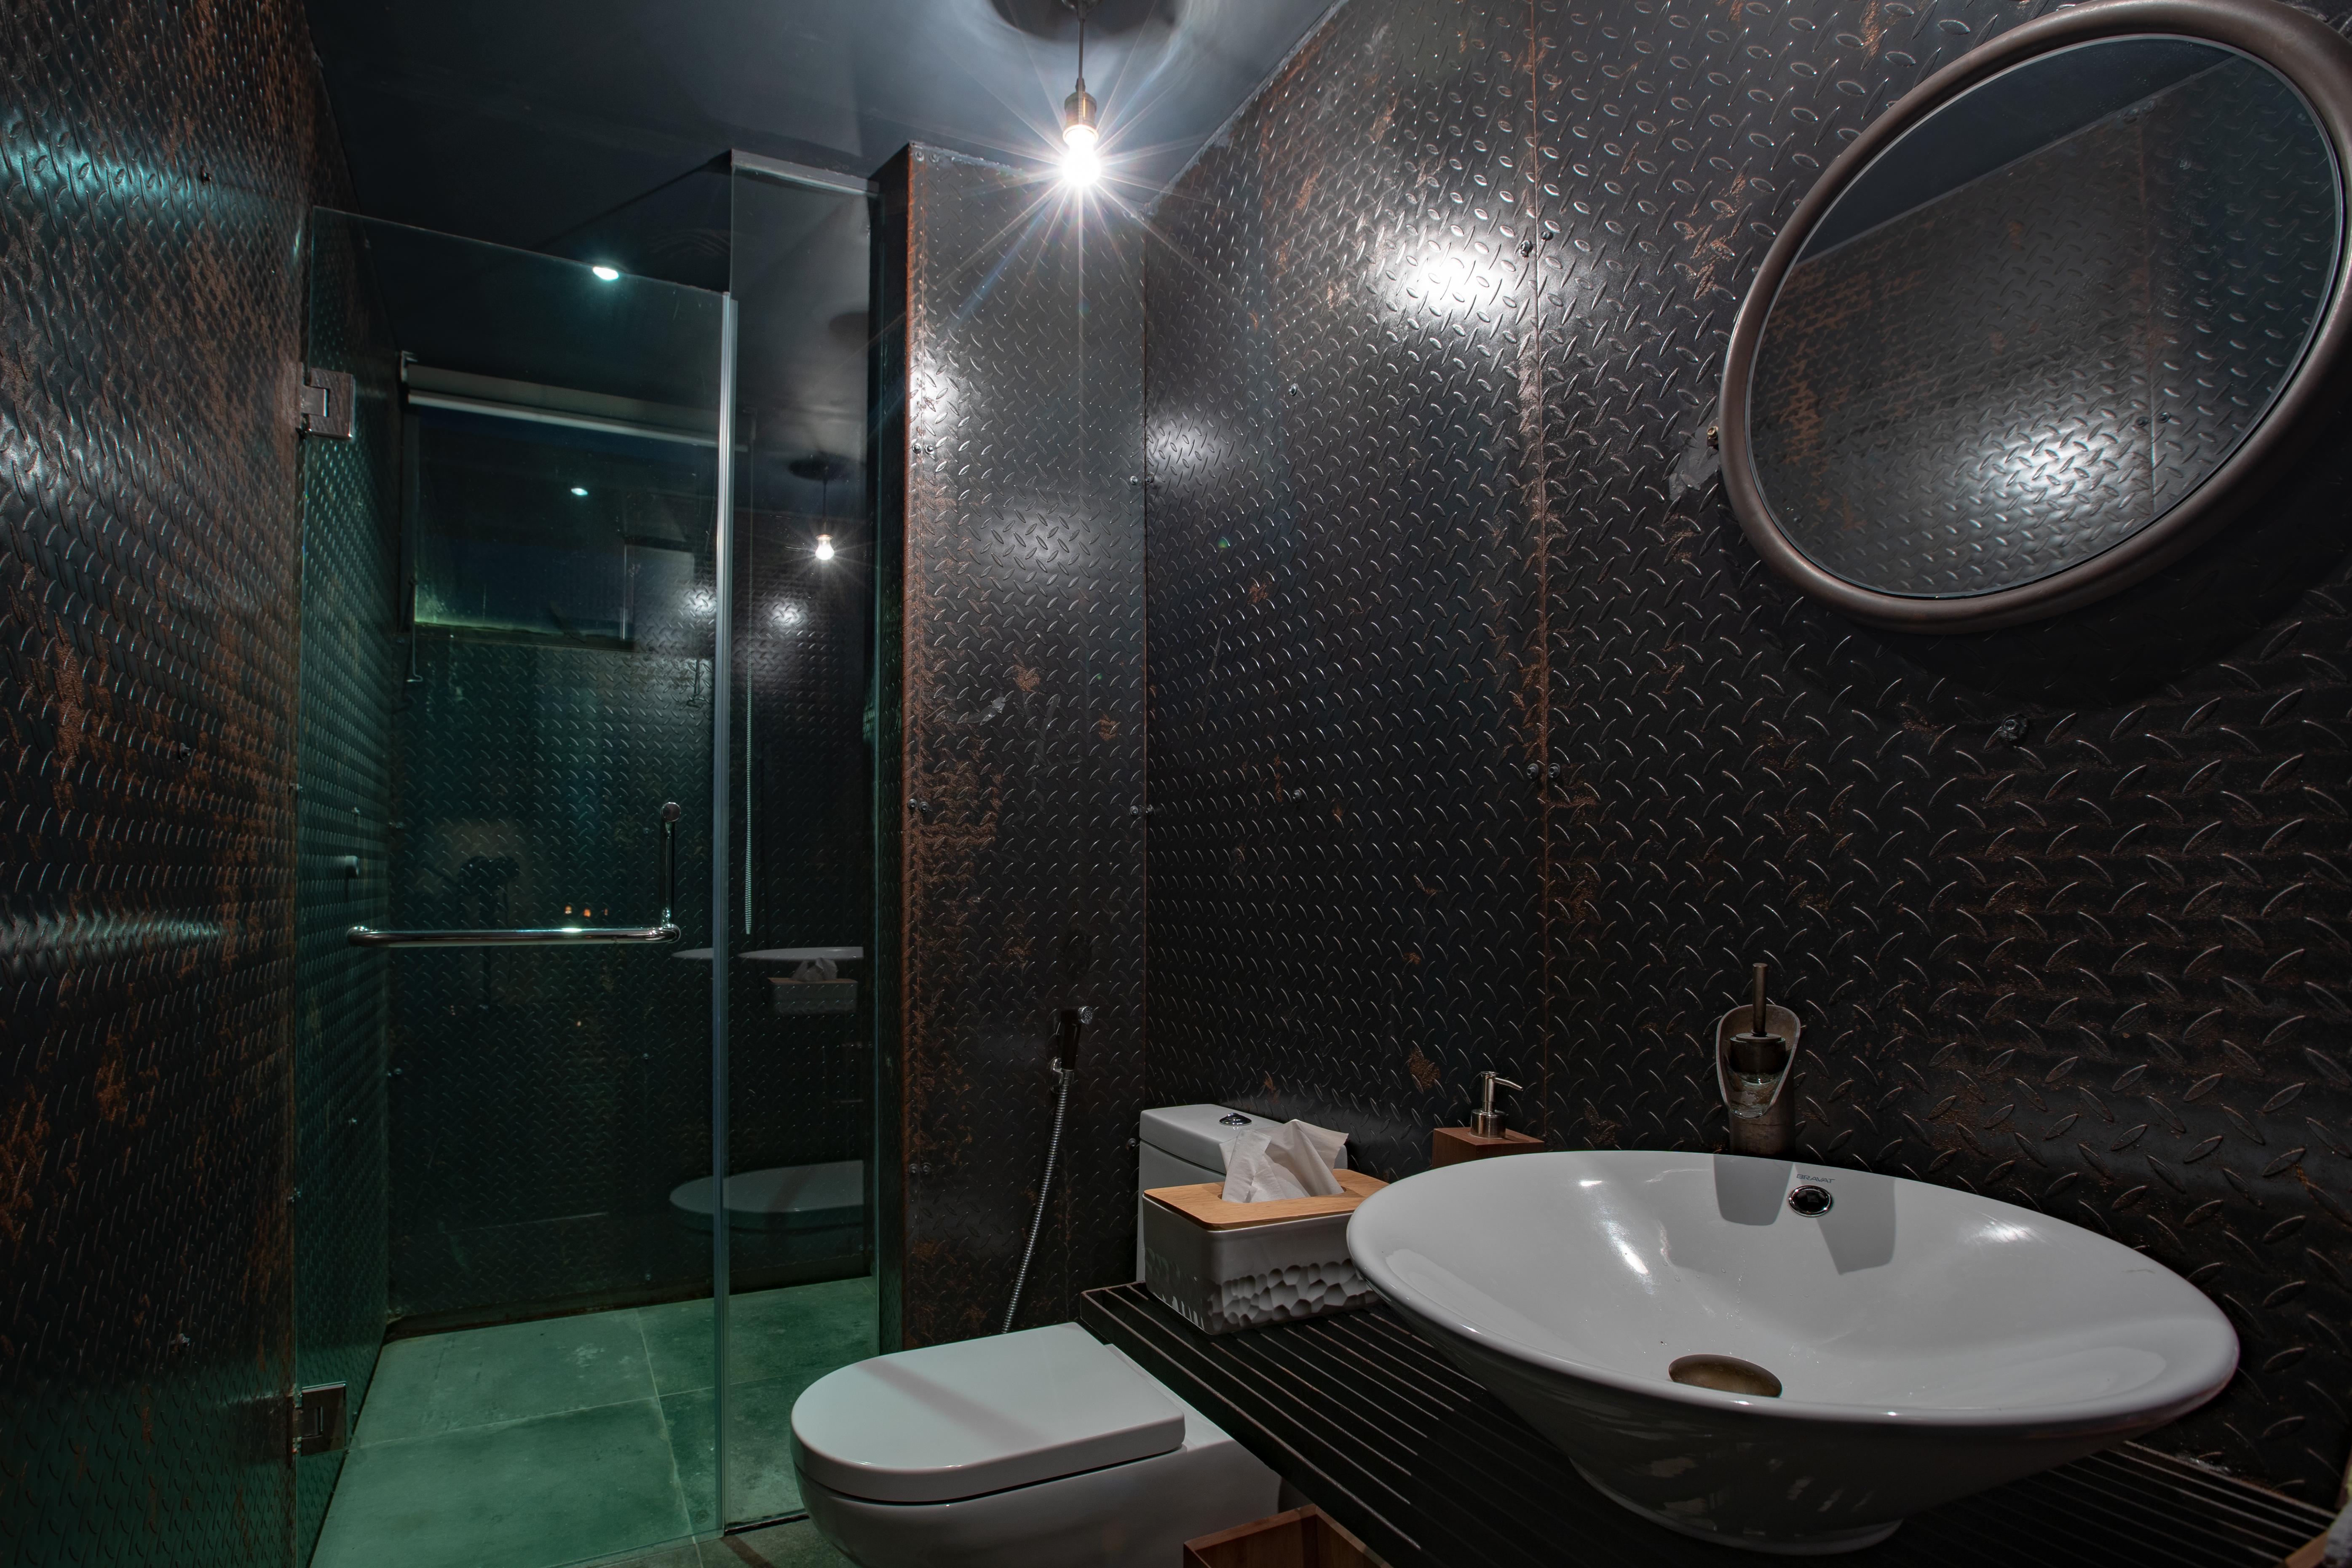 Shipping Container Home Design Bangladesh Photos | Apartment Therapy